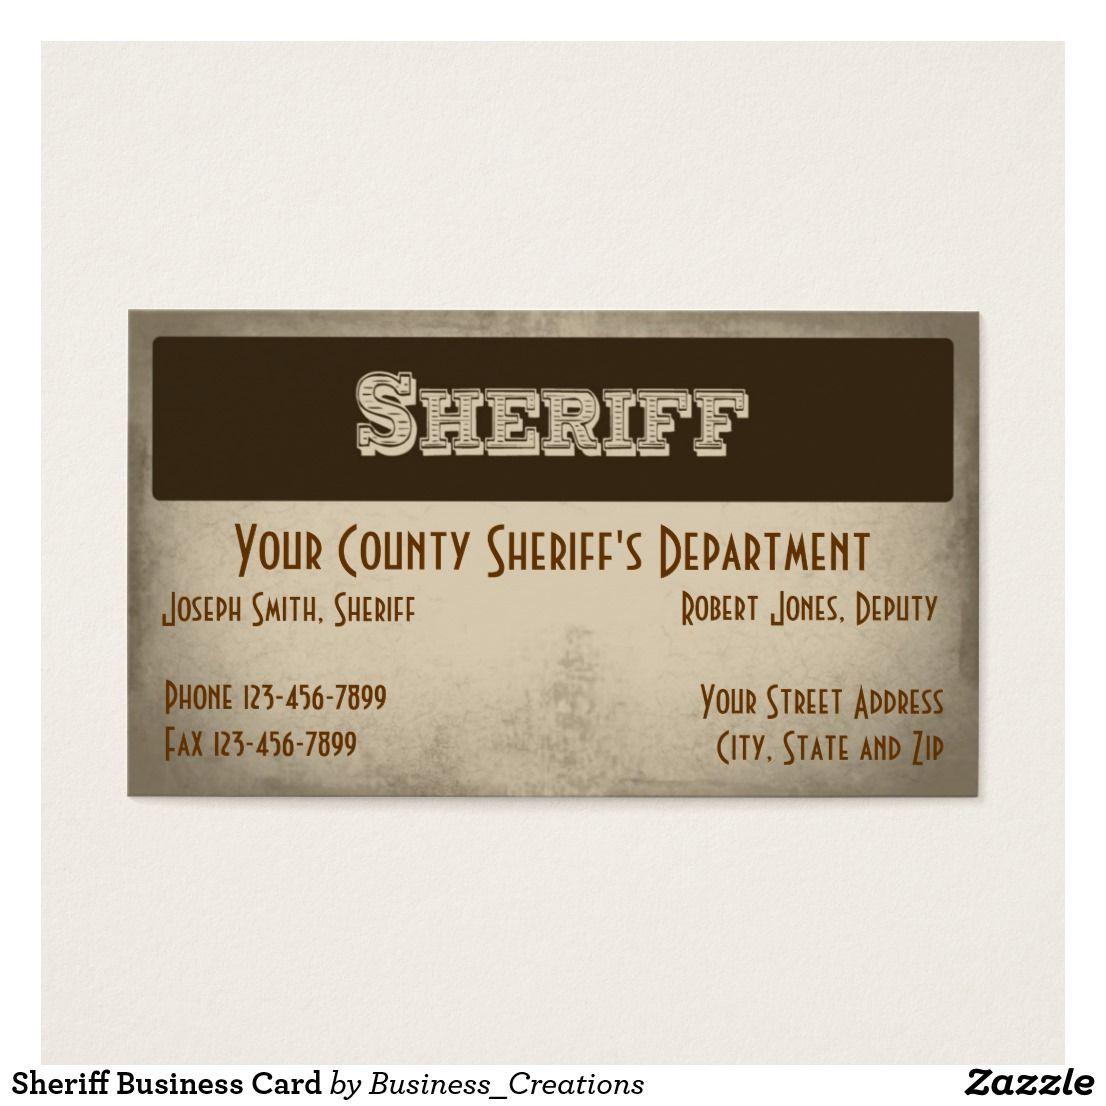 Sheriff business card pinterest sheriff business cards and business sheriff business card colourmoves